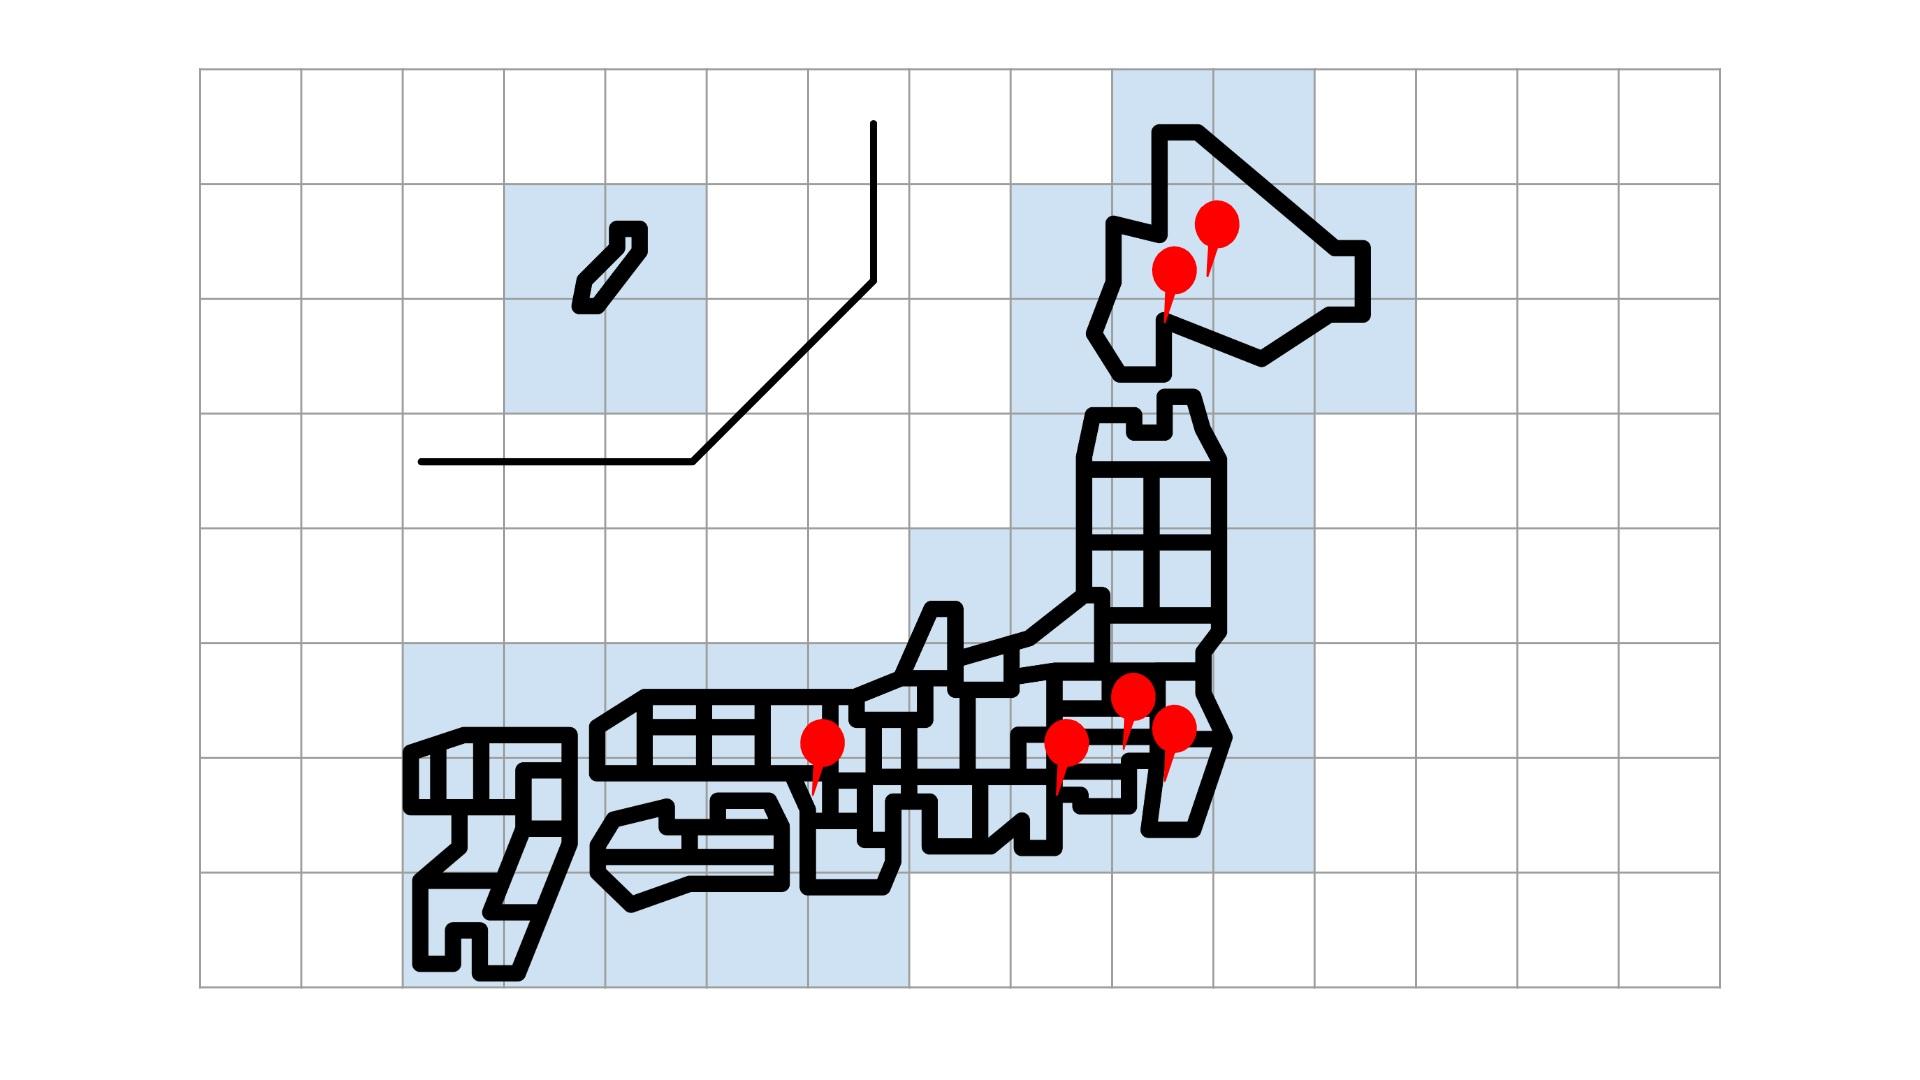 データアグリゲーションにスマホアプリの地図情報が加わりました